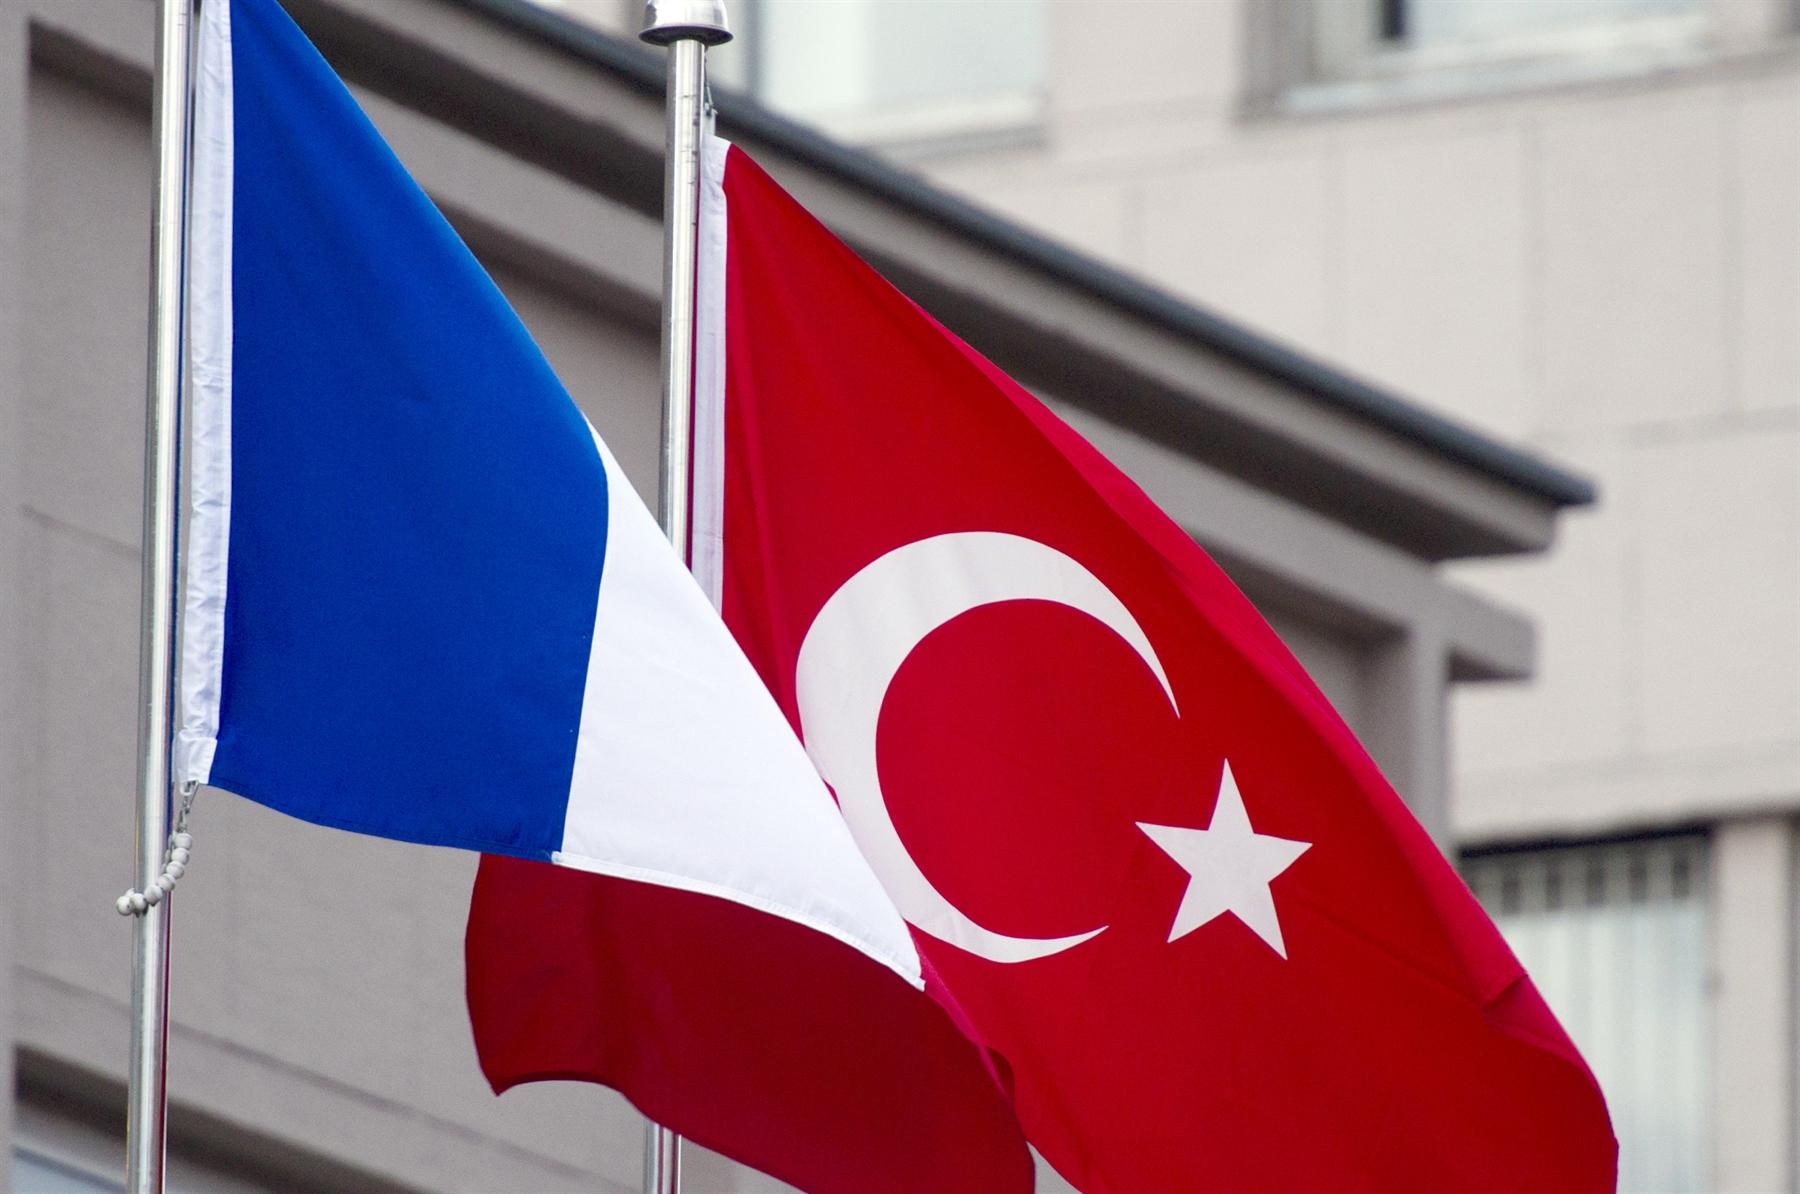 تركيا تحذّر فرنسا: إما نحن أو الميلشيات الانفصالية